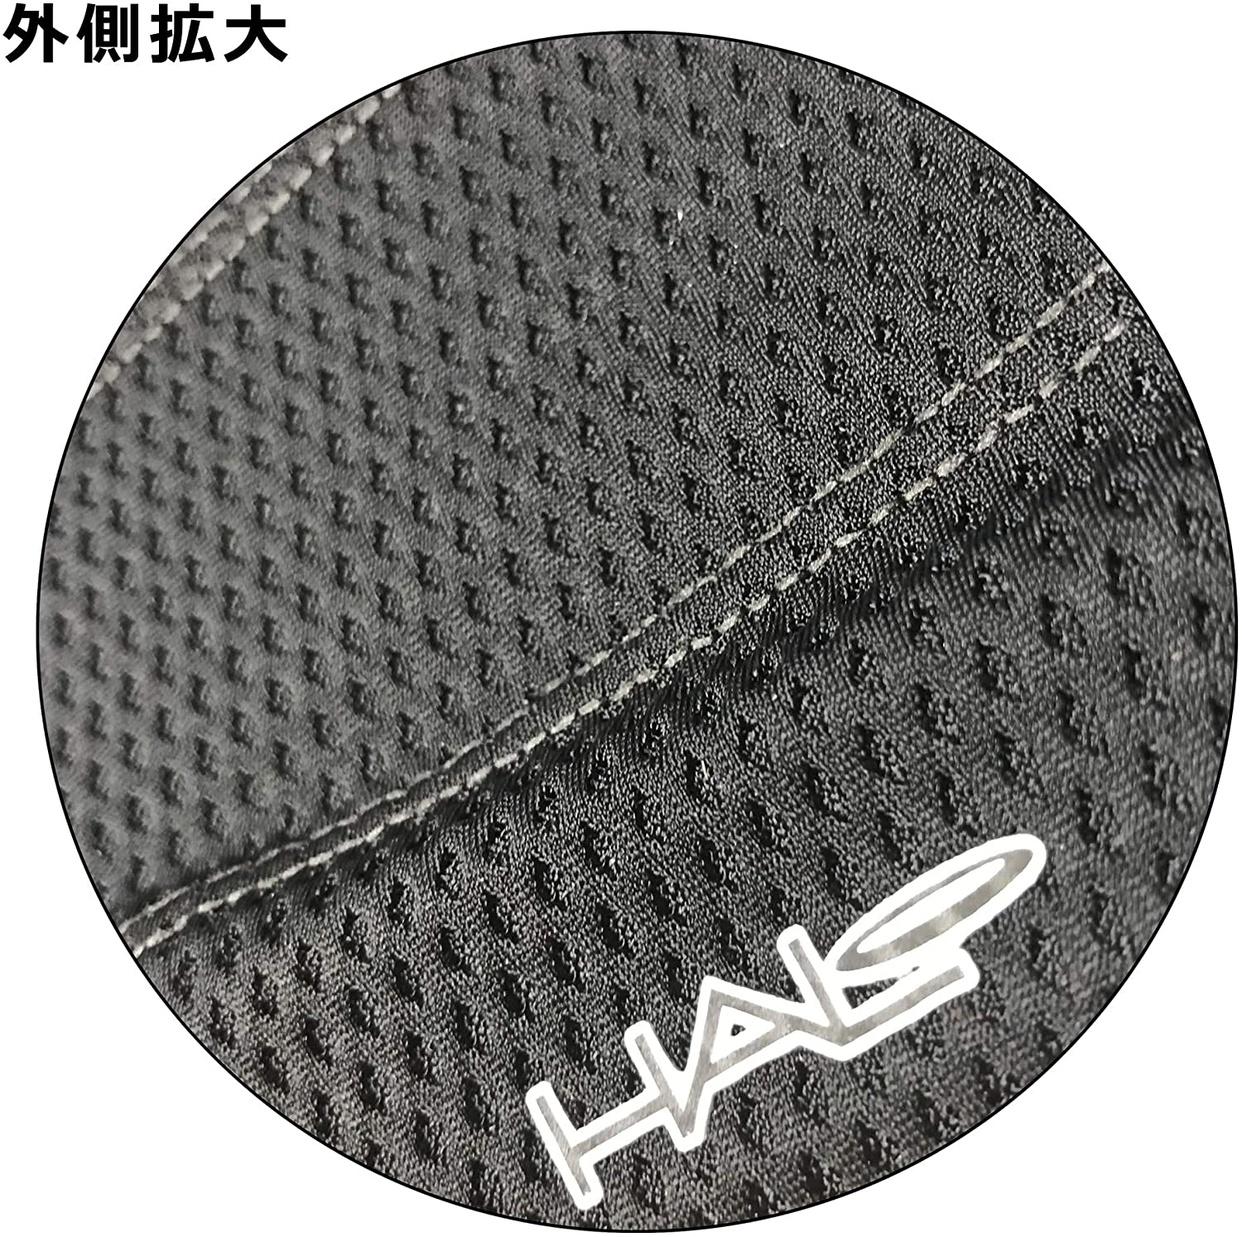 Halo headband(ヘイロ ヘッドバンド) バンディットJP H0018の商品画像2